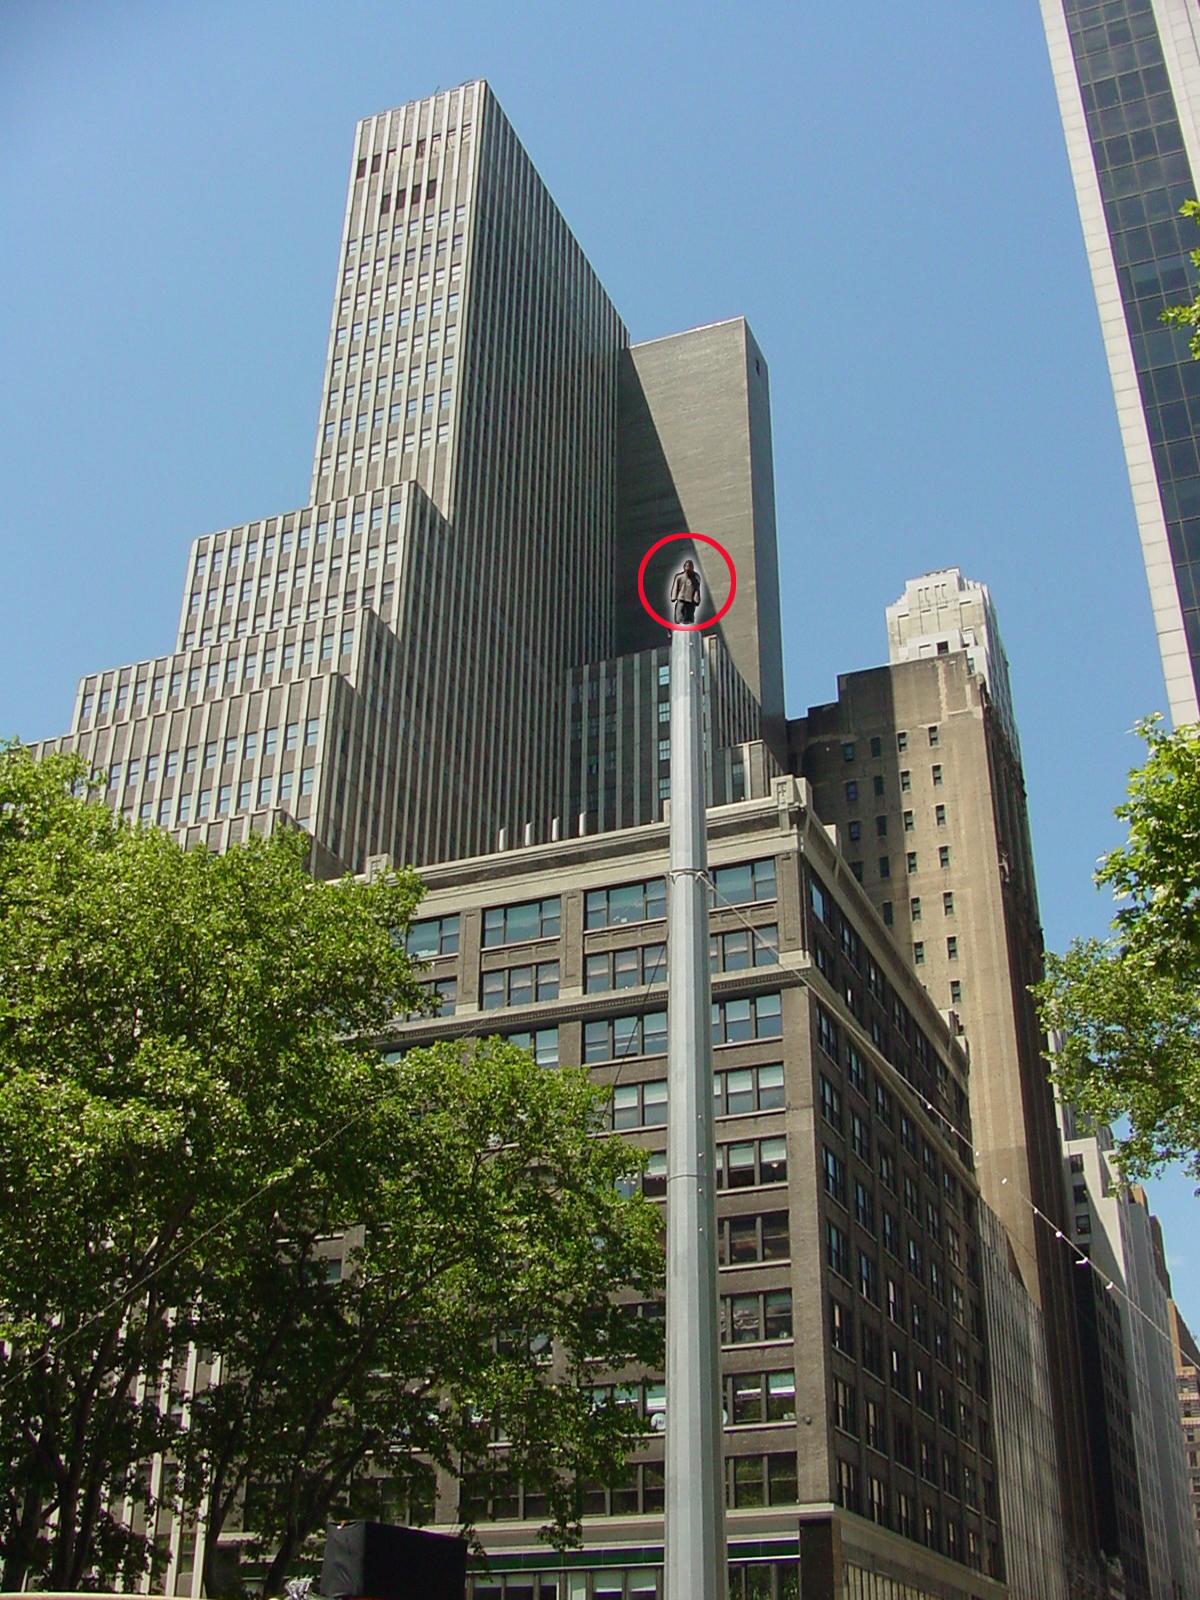 David Blaine - Vertigo, Bryant Park, NYC.   Photo by Getch, May 22, 2002